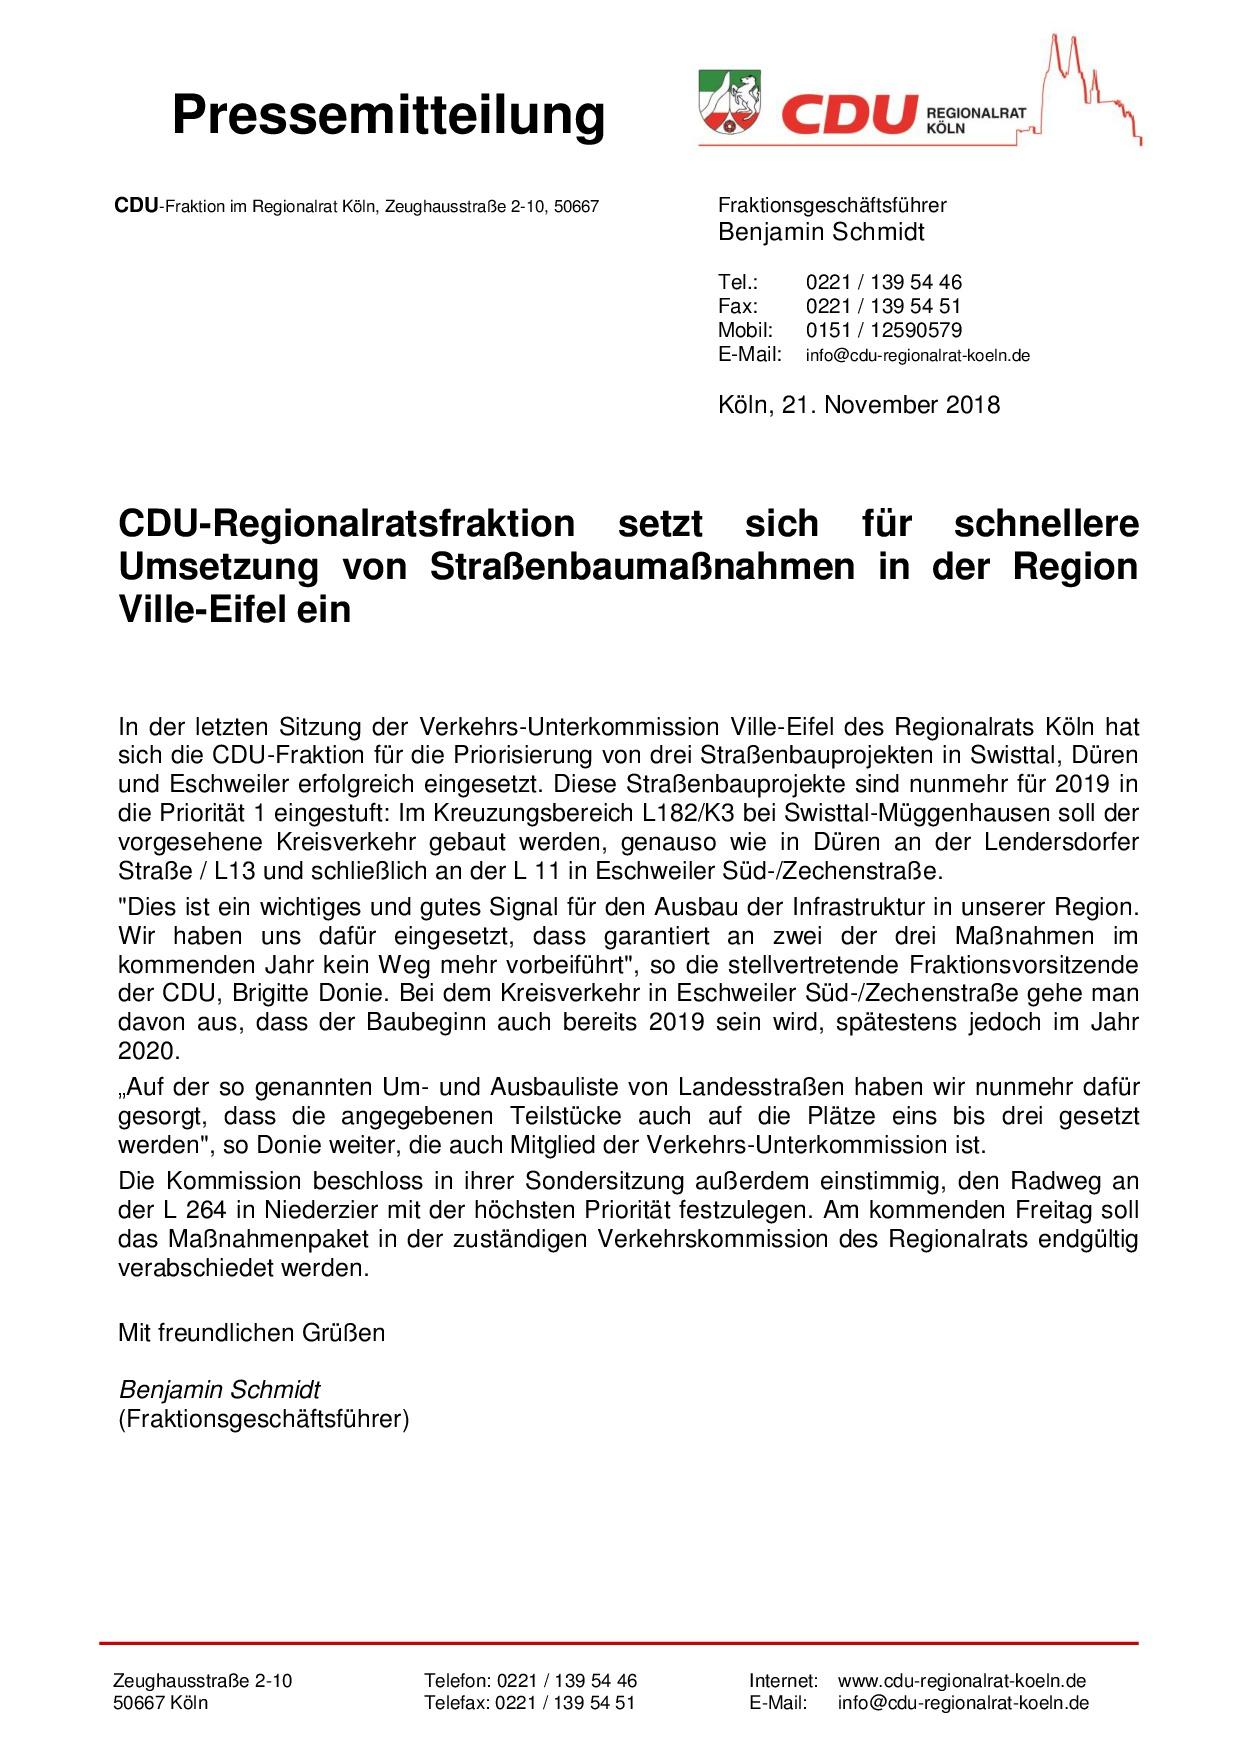 Pressemeldung der CDU-Regionalratsfraktion